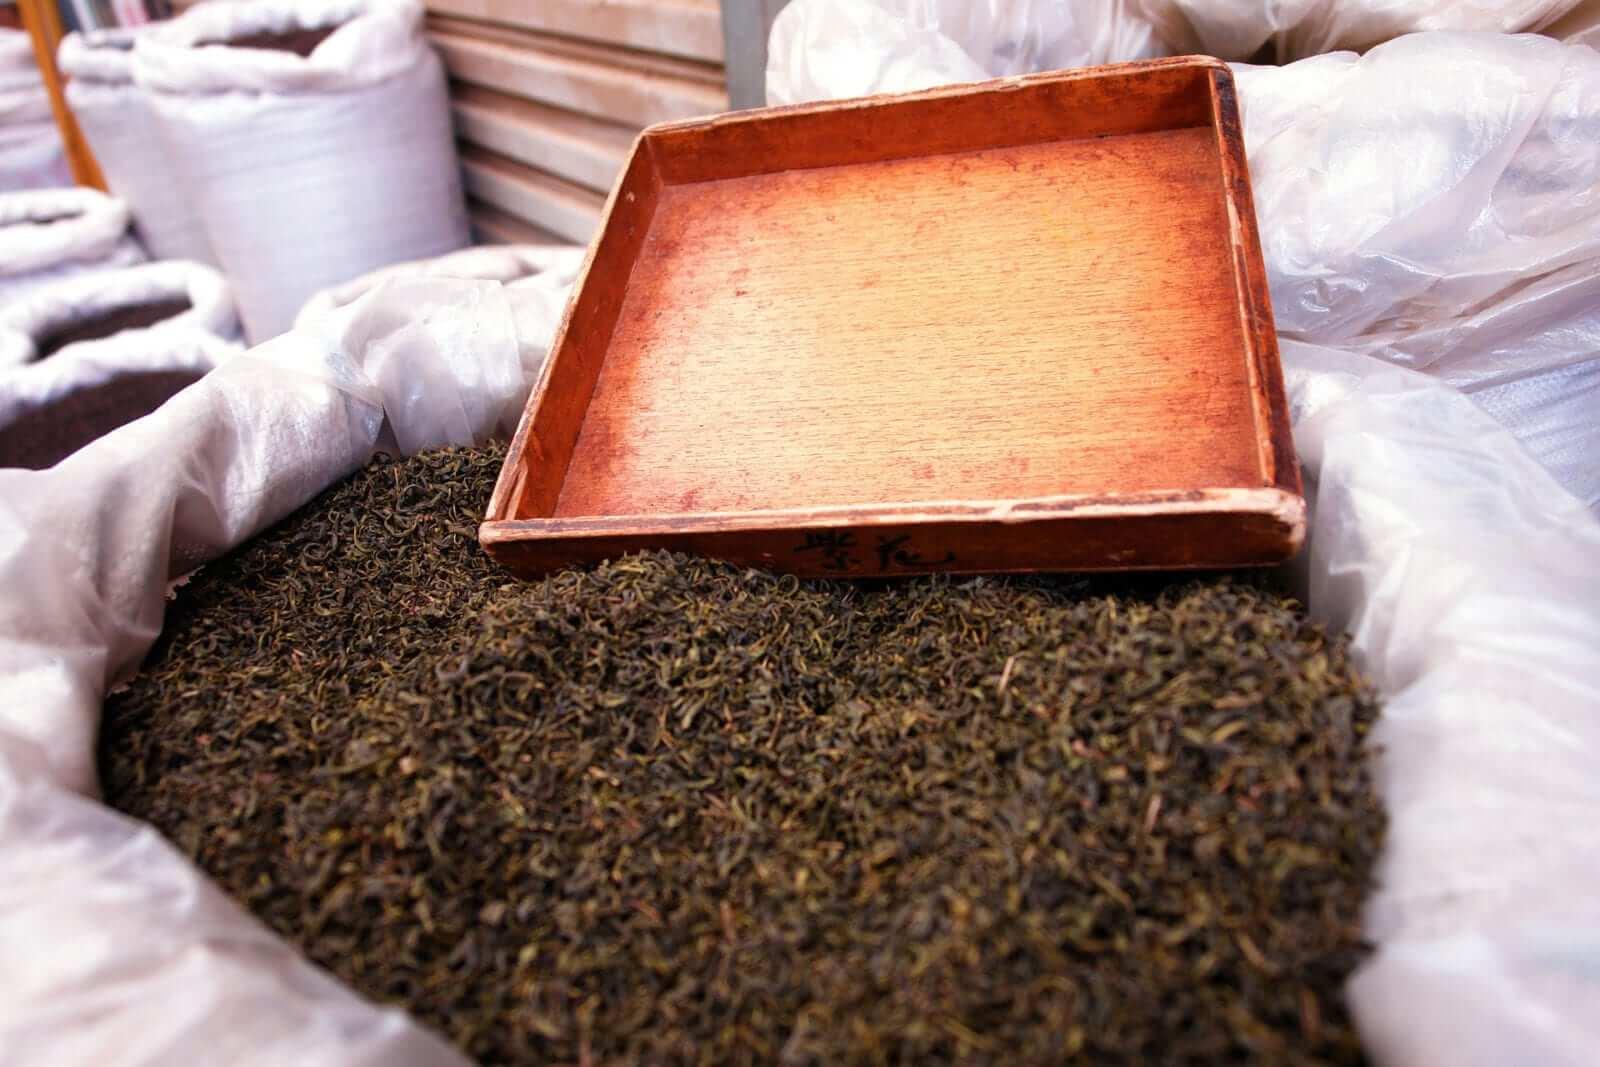 Wie hilft grüner Tee beim Abnehmen?